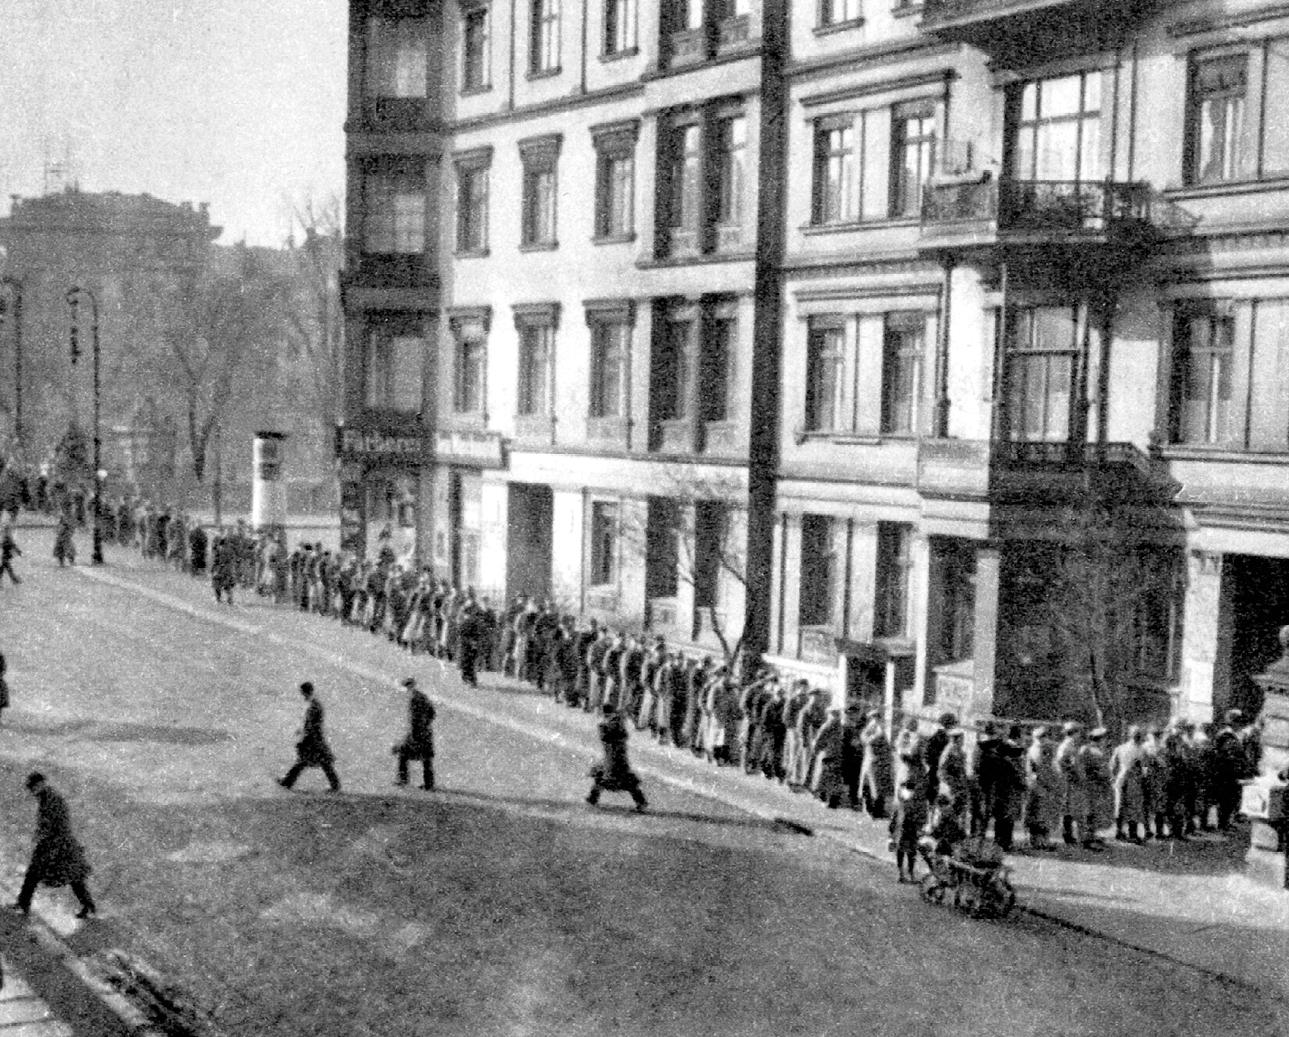 File d'attente de chômeurs devant un bureau pour l'emploi, Potsdam, 1933, photographie anonyme.